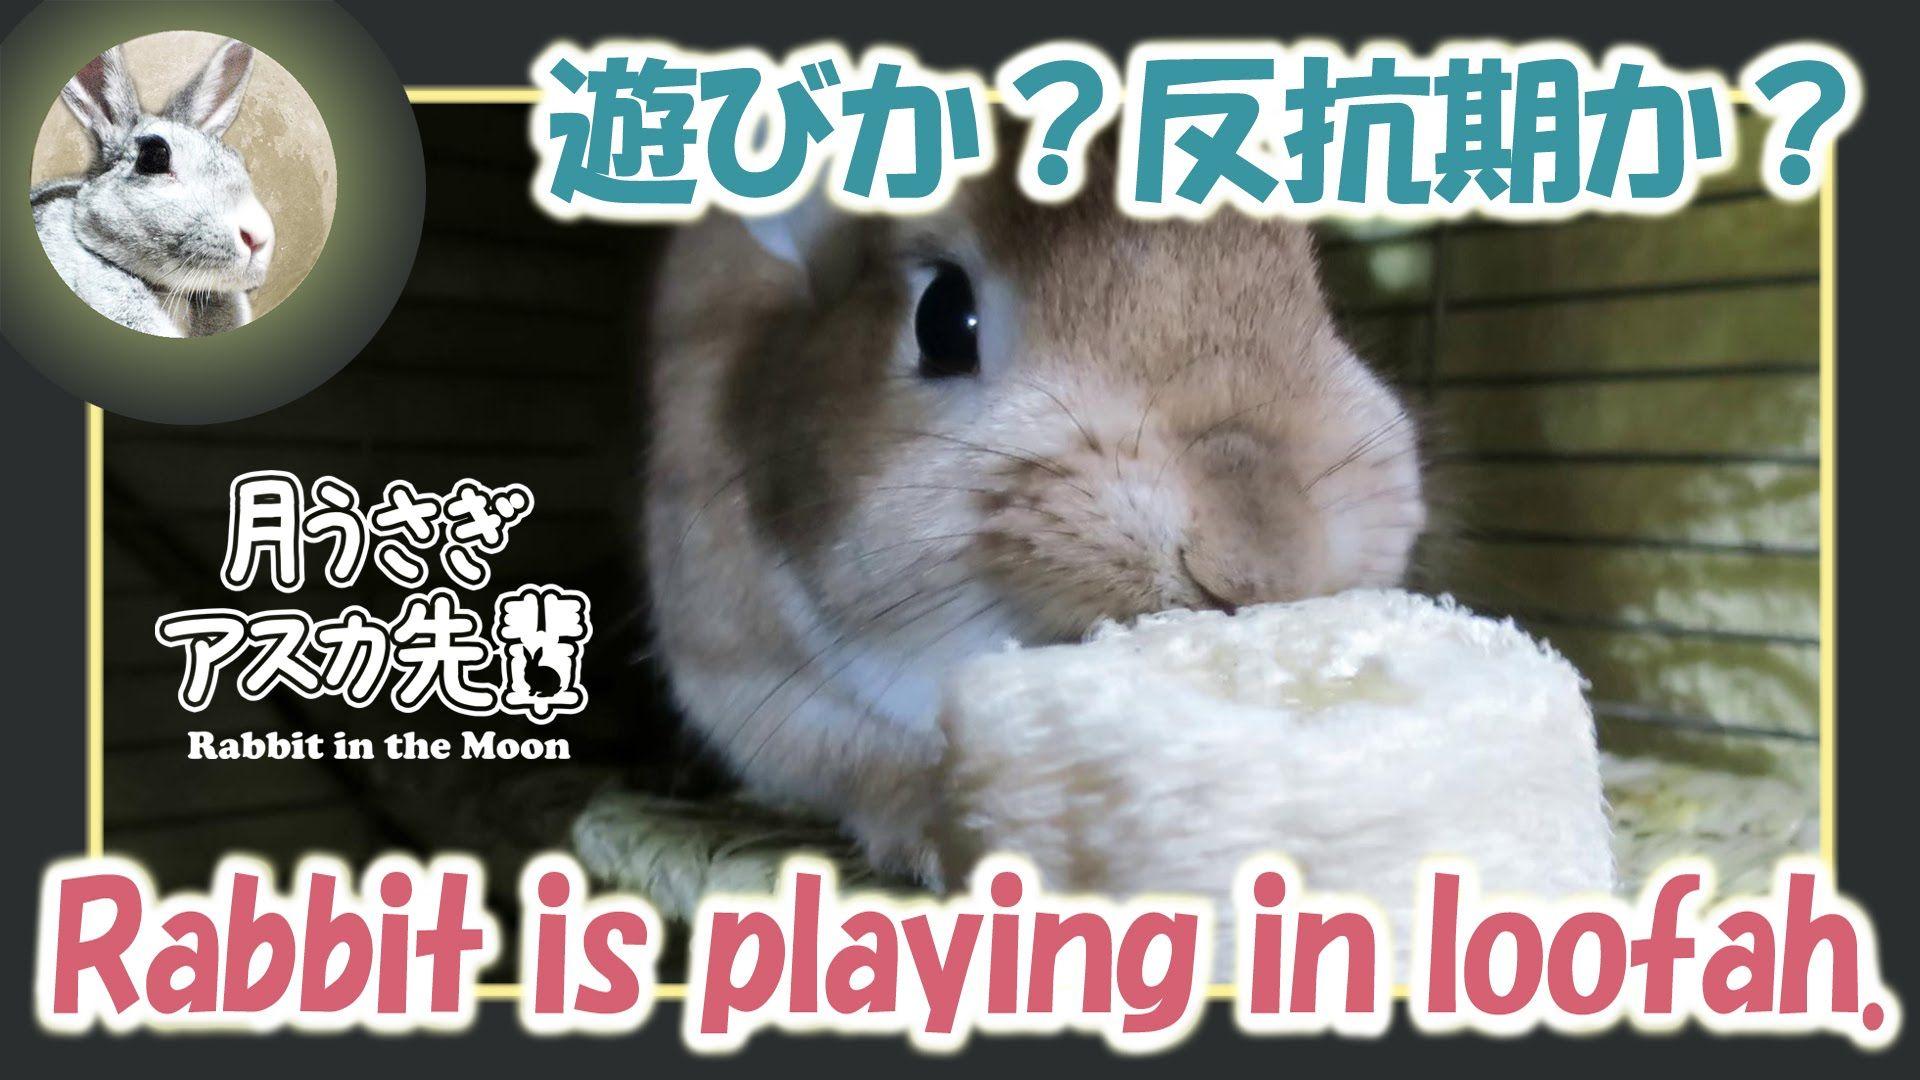 遊びか?反抗期か?【ウサギのだいだい 】 Rabbit is playing in loofah. 2016年2月9日